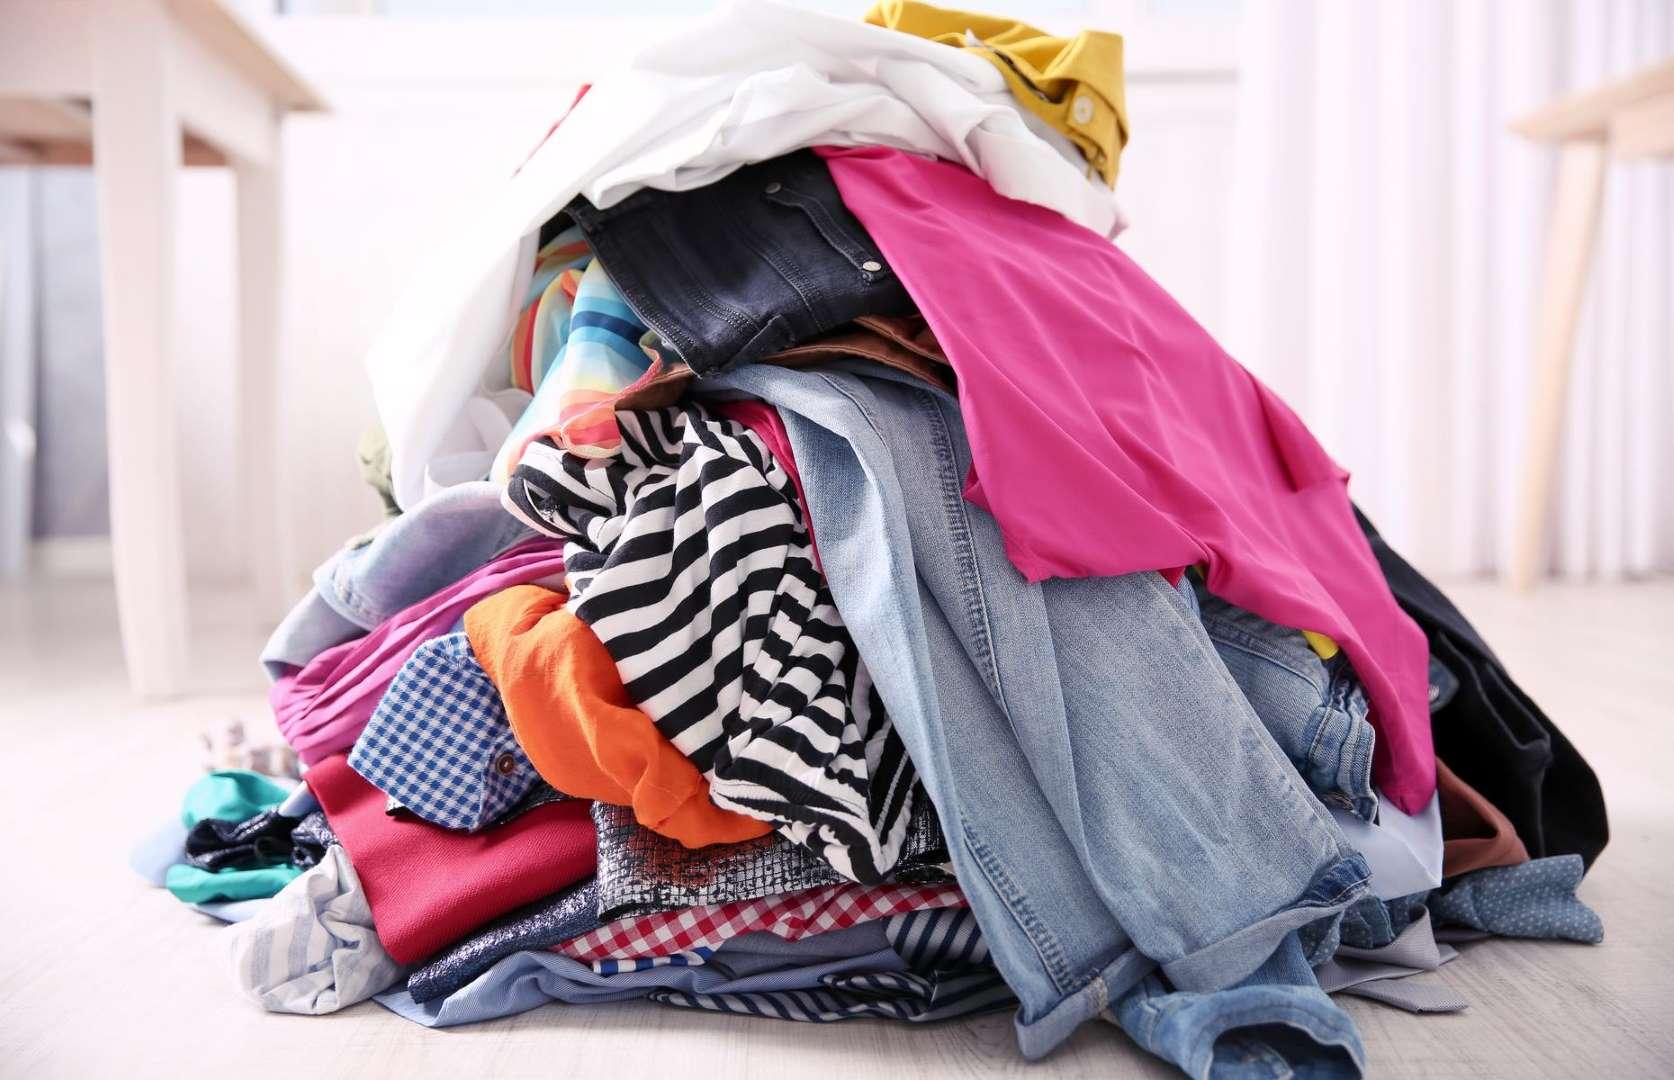 atouts de la vente en ligne de vêtements d'occasion